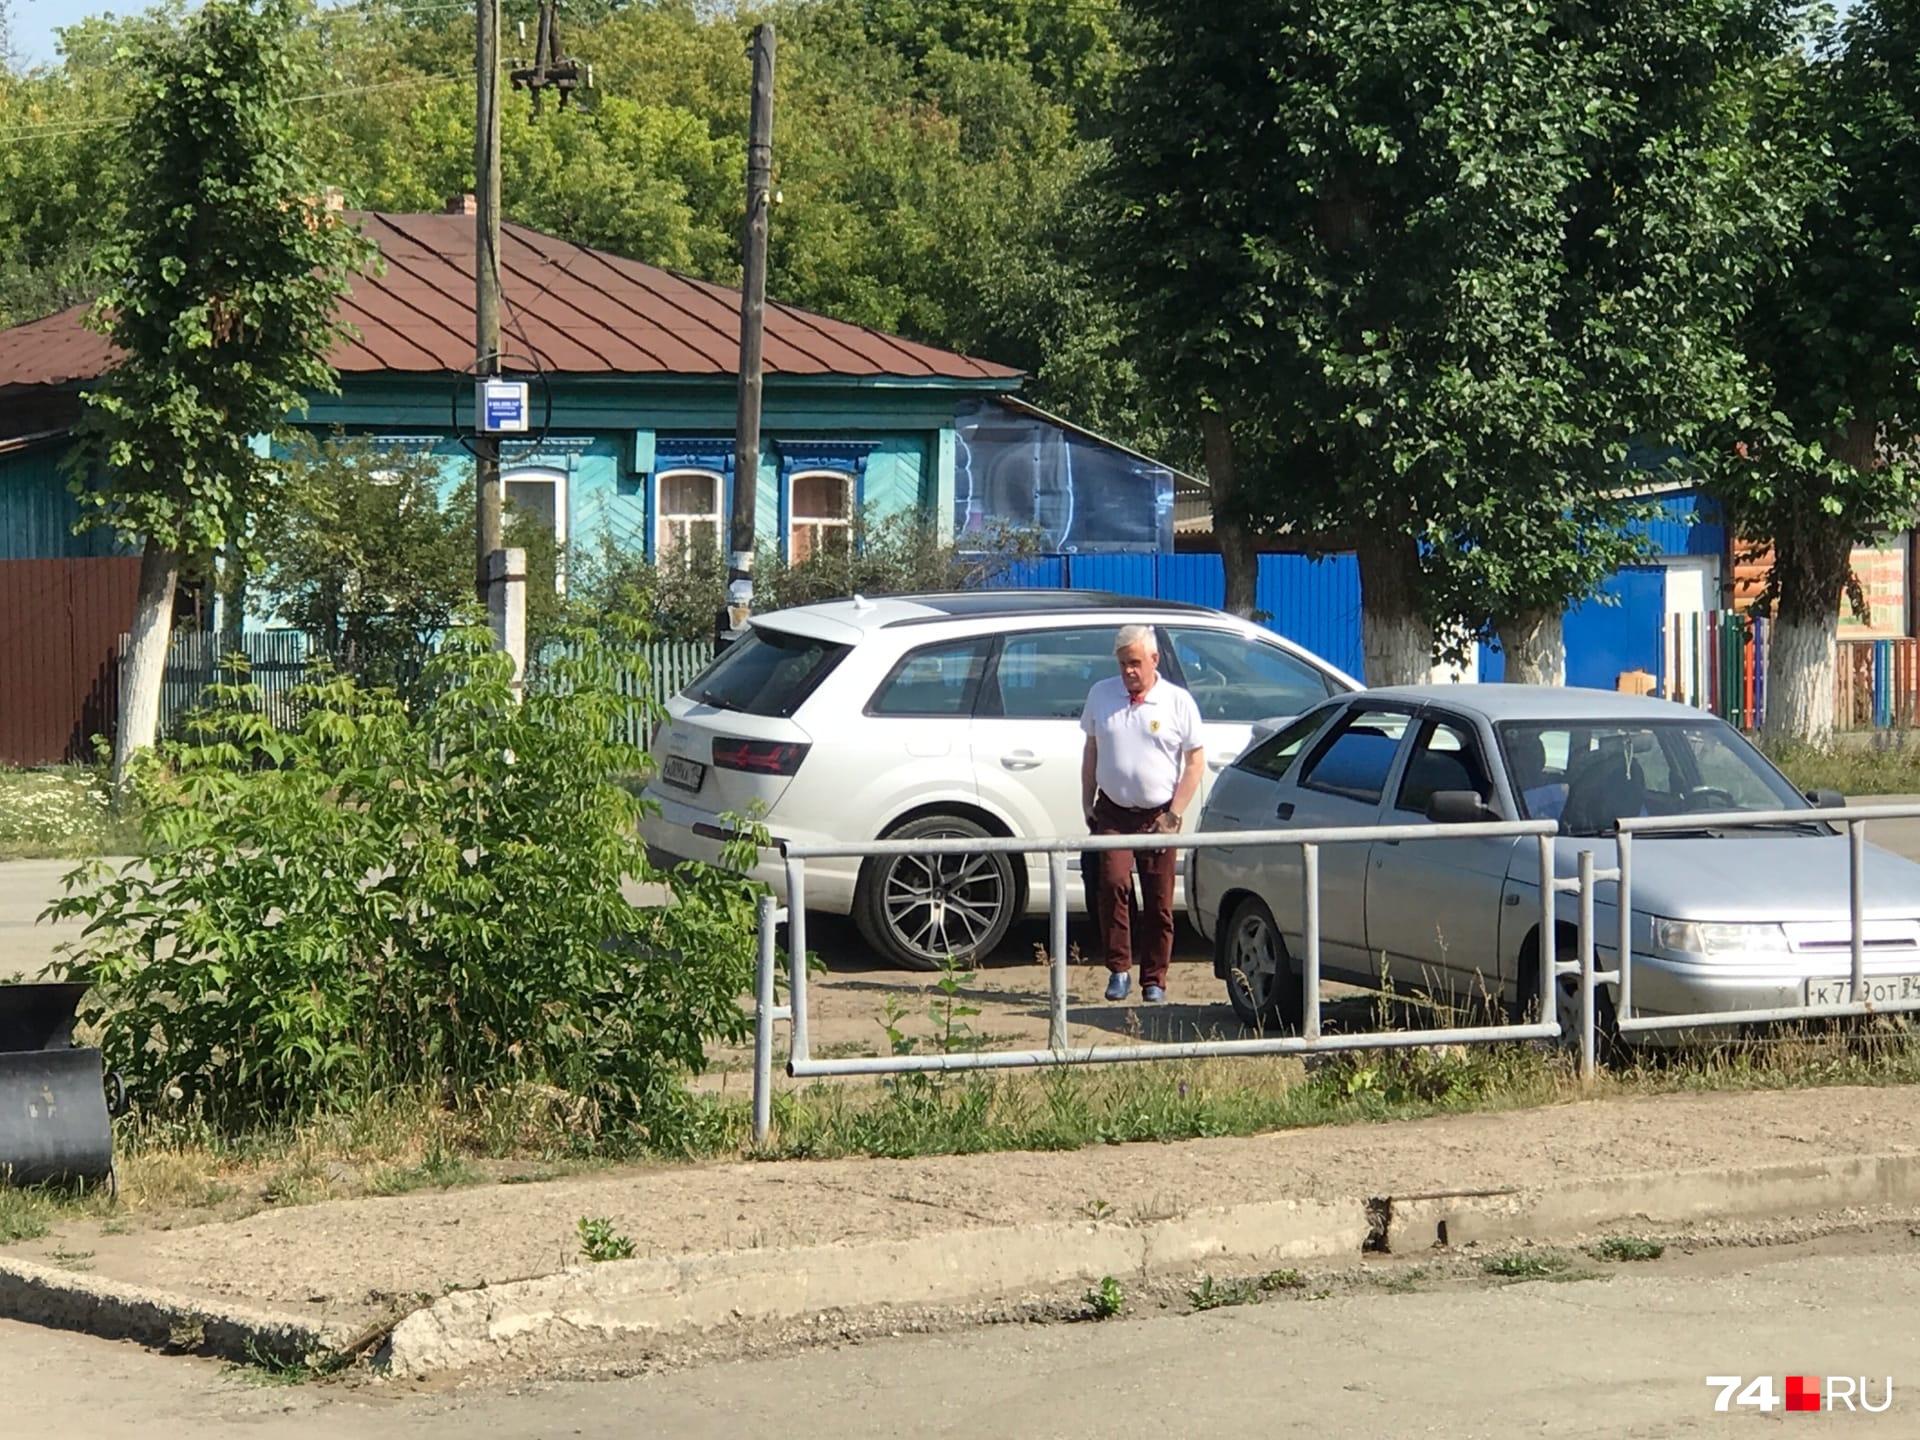 На заседания Андрей Косилов всегда ездит в качестве пассажира. Сегодня он сменил белый Lexus наAudi того же цвета